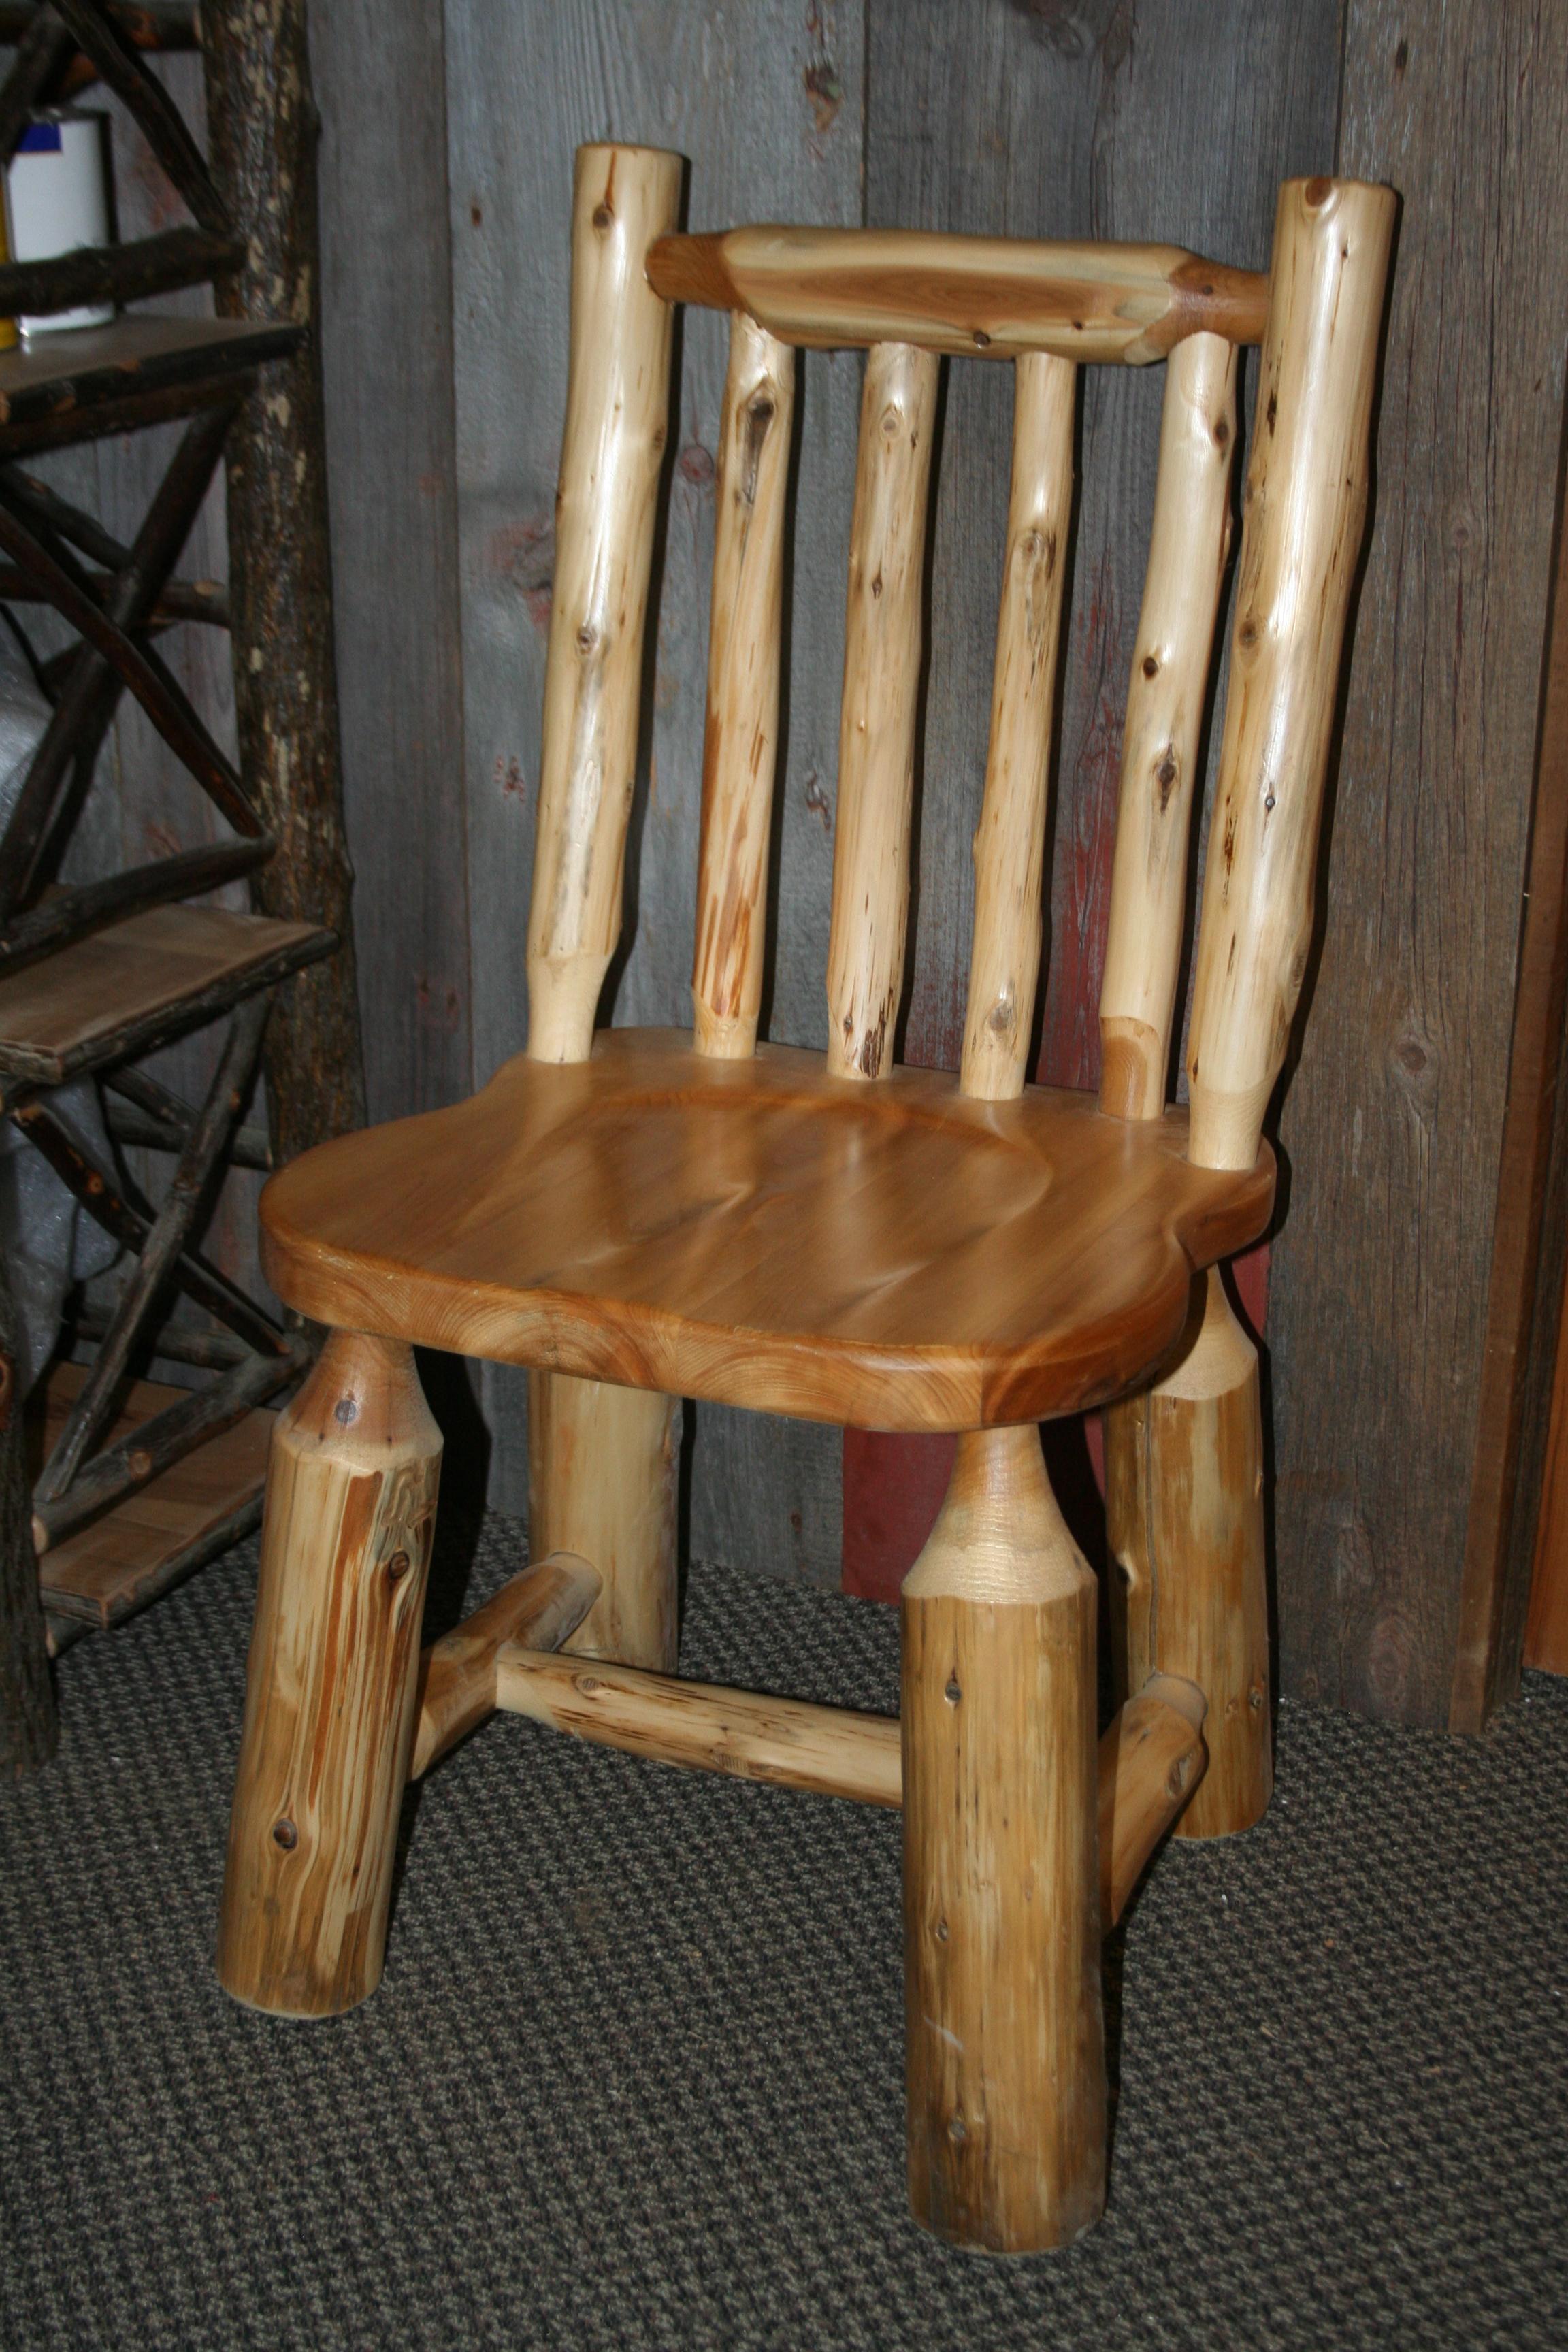 Cedar-Log-Chair-Side24 8-30-2011 3-12-30 AM 1819x3173.jpg